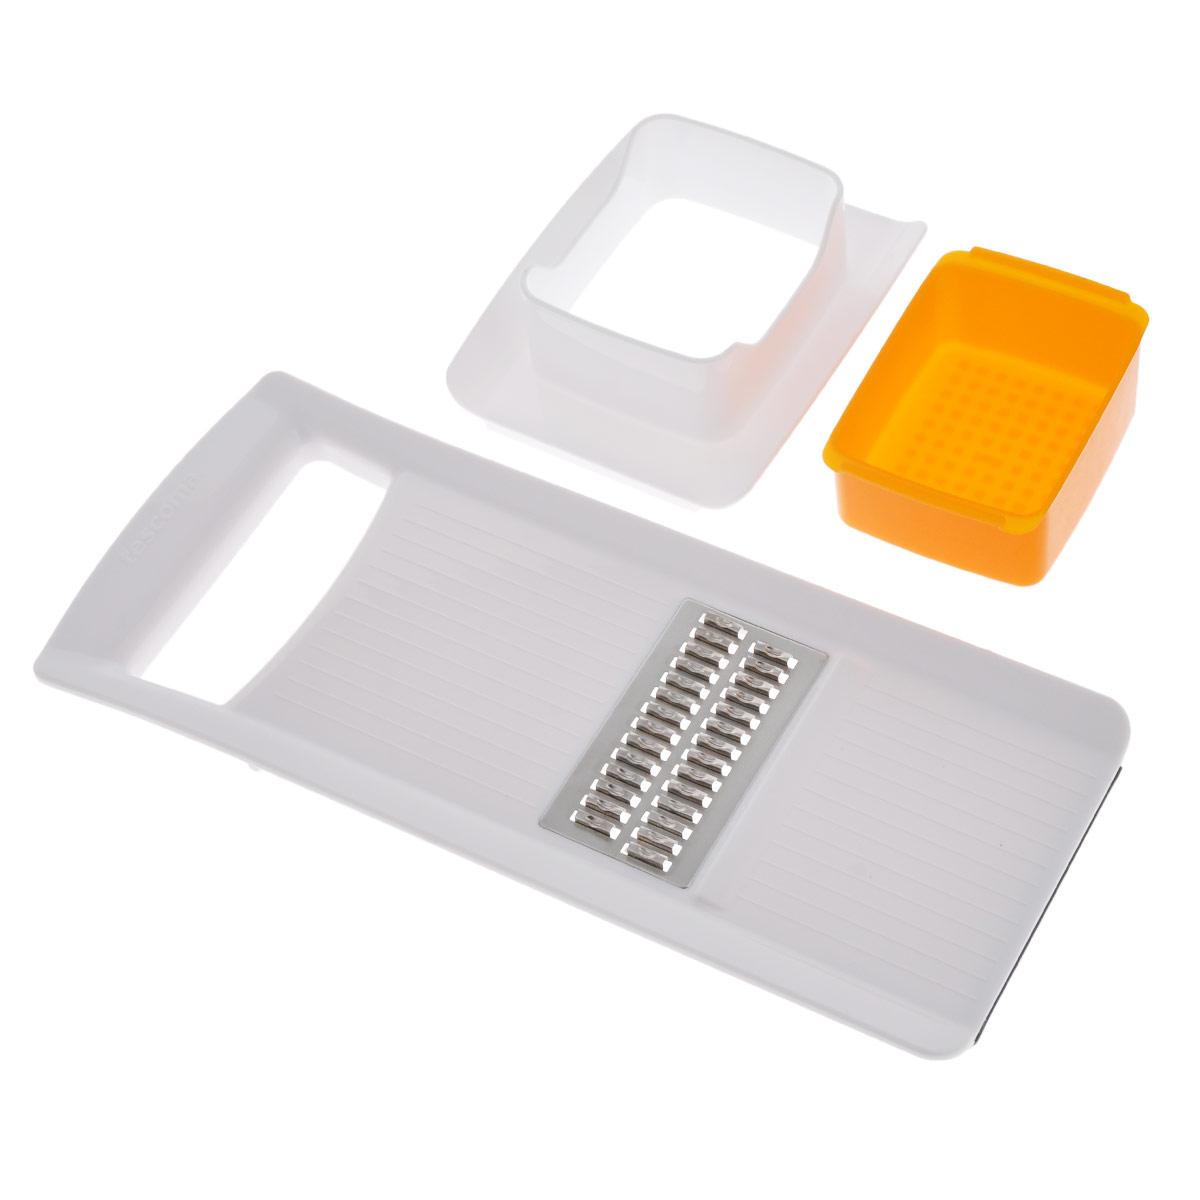 Терка Tescoma Жульен, цвет: белый, оранжевый643854Терка Tescoma Жульен, изготовленная из прочного пластика с дополнительнымострым лезвием из высококачественной нержавеющей стали, отлично подходит длябыстрой нарезки соломкой моркови, сельдерея, белого редиса, картофеля. Нижнееоснование изделия имеет силиконовую антискользящую вставку для комфортнойработы. В комплект также входят пластиковая емкость и толкатель для безопасной нарезки. Можно мыть в посудомоечной машине.Размер терки: 28 см х 12 см х 1,5 см.Размер емкости: 9 см х 6,5 см х 4 см.